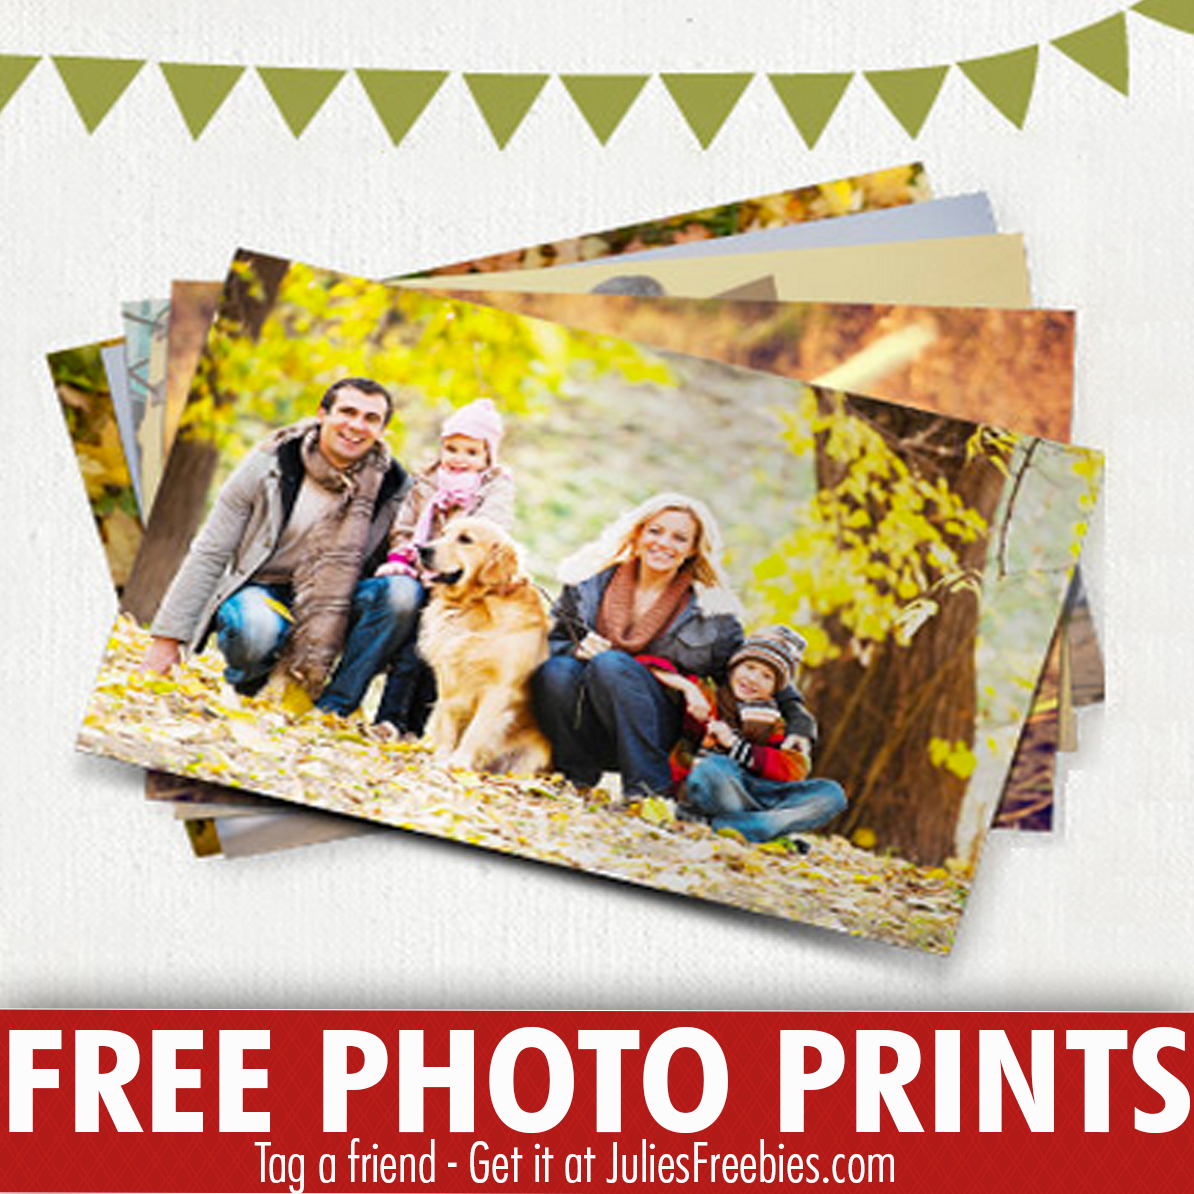 10 free 4x6 photo prints at walgreens julie s freebies